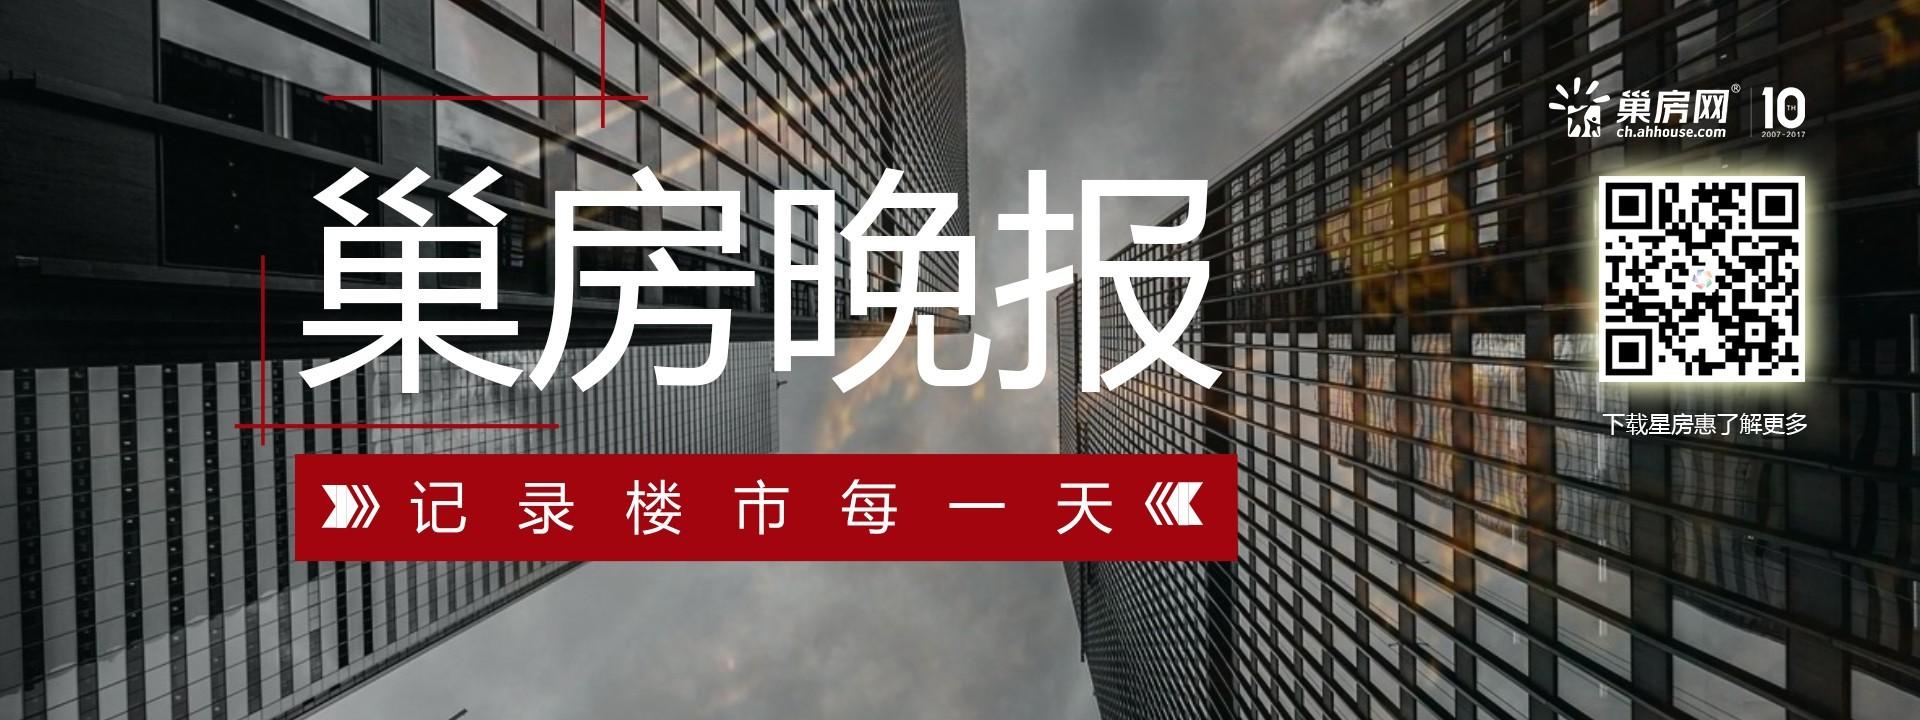 9月8日巢房网新闻晚报:  明光至巢湖高速即将开工